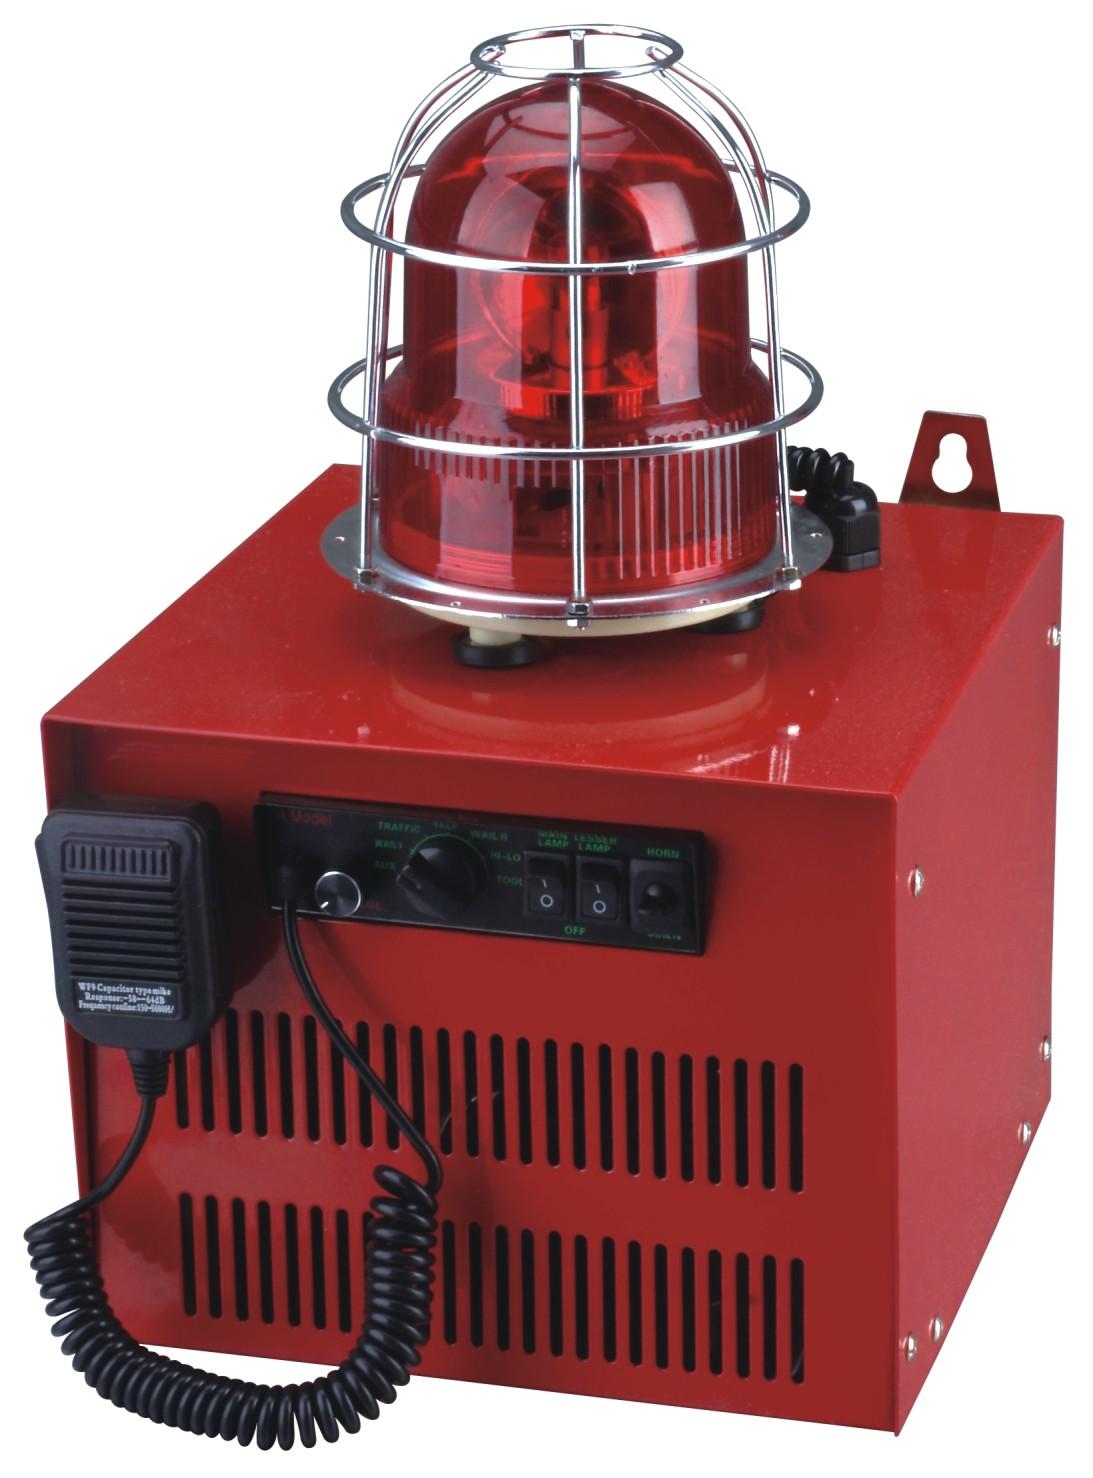 警用装备 执法装备 警用抓捕器 > 防爆声光报警器   产品价格:1000 最